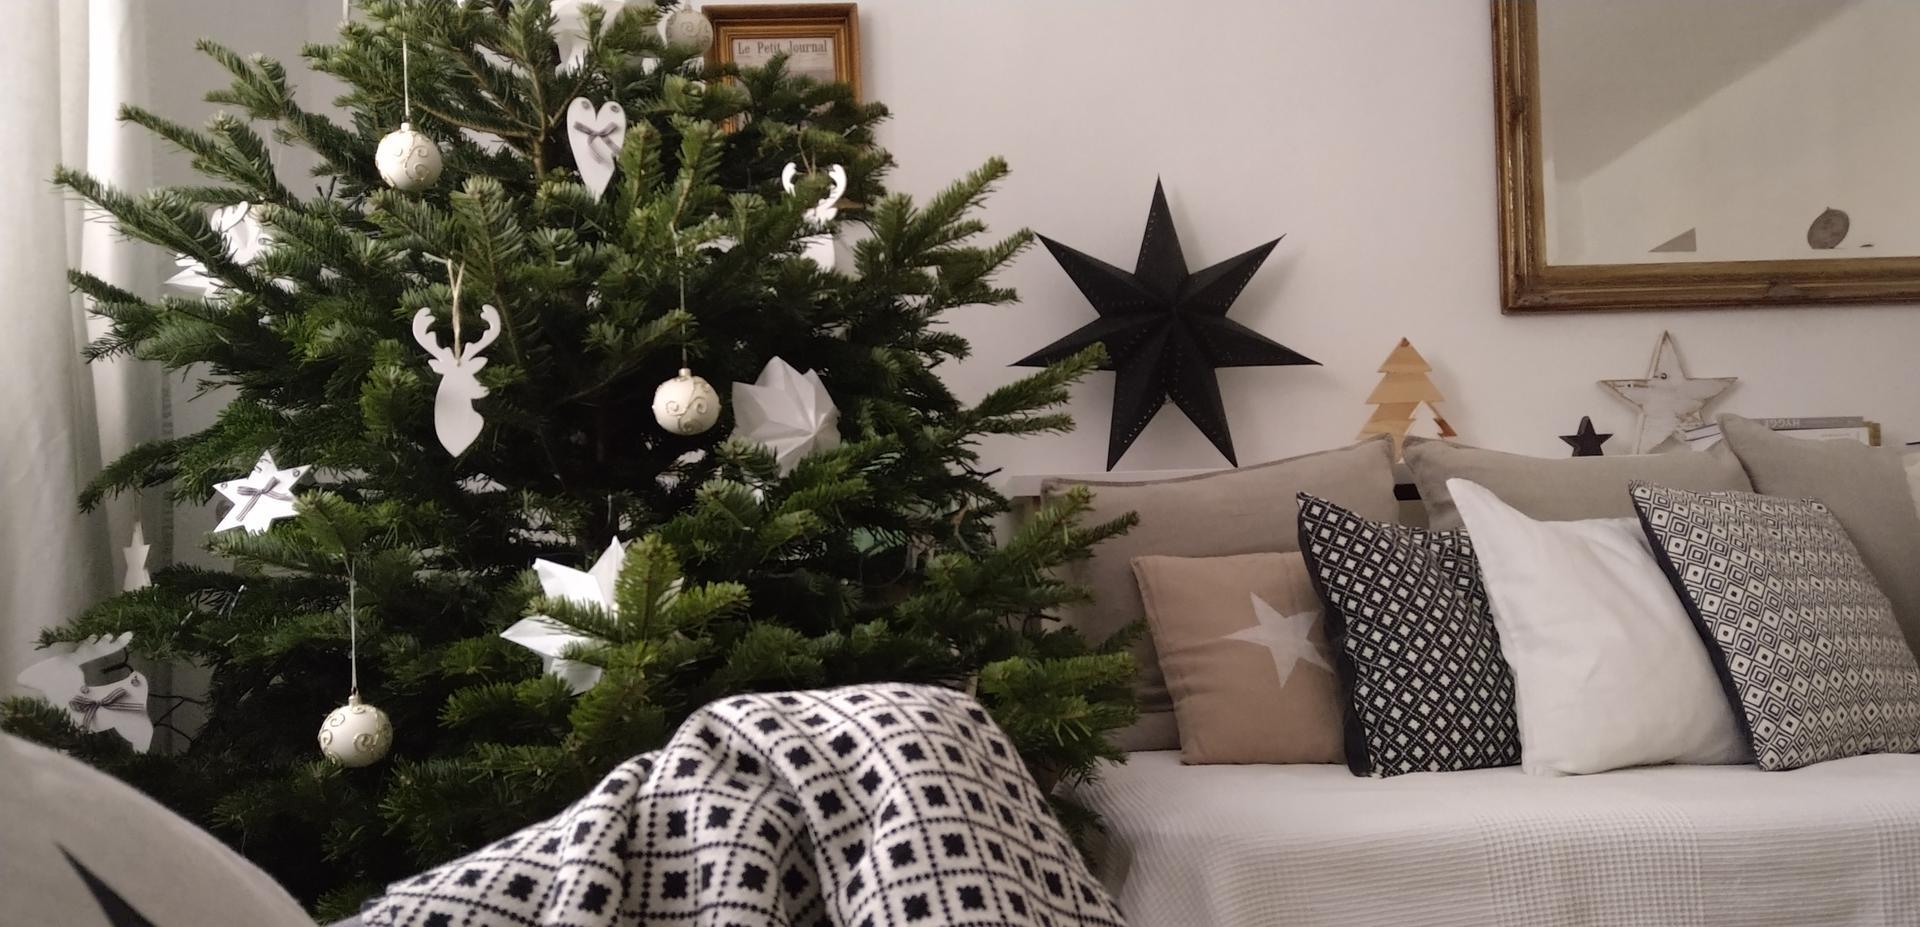 Vianočné dekorácie,advent a vianoce 2020 - Obrázok č. 42